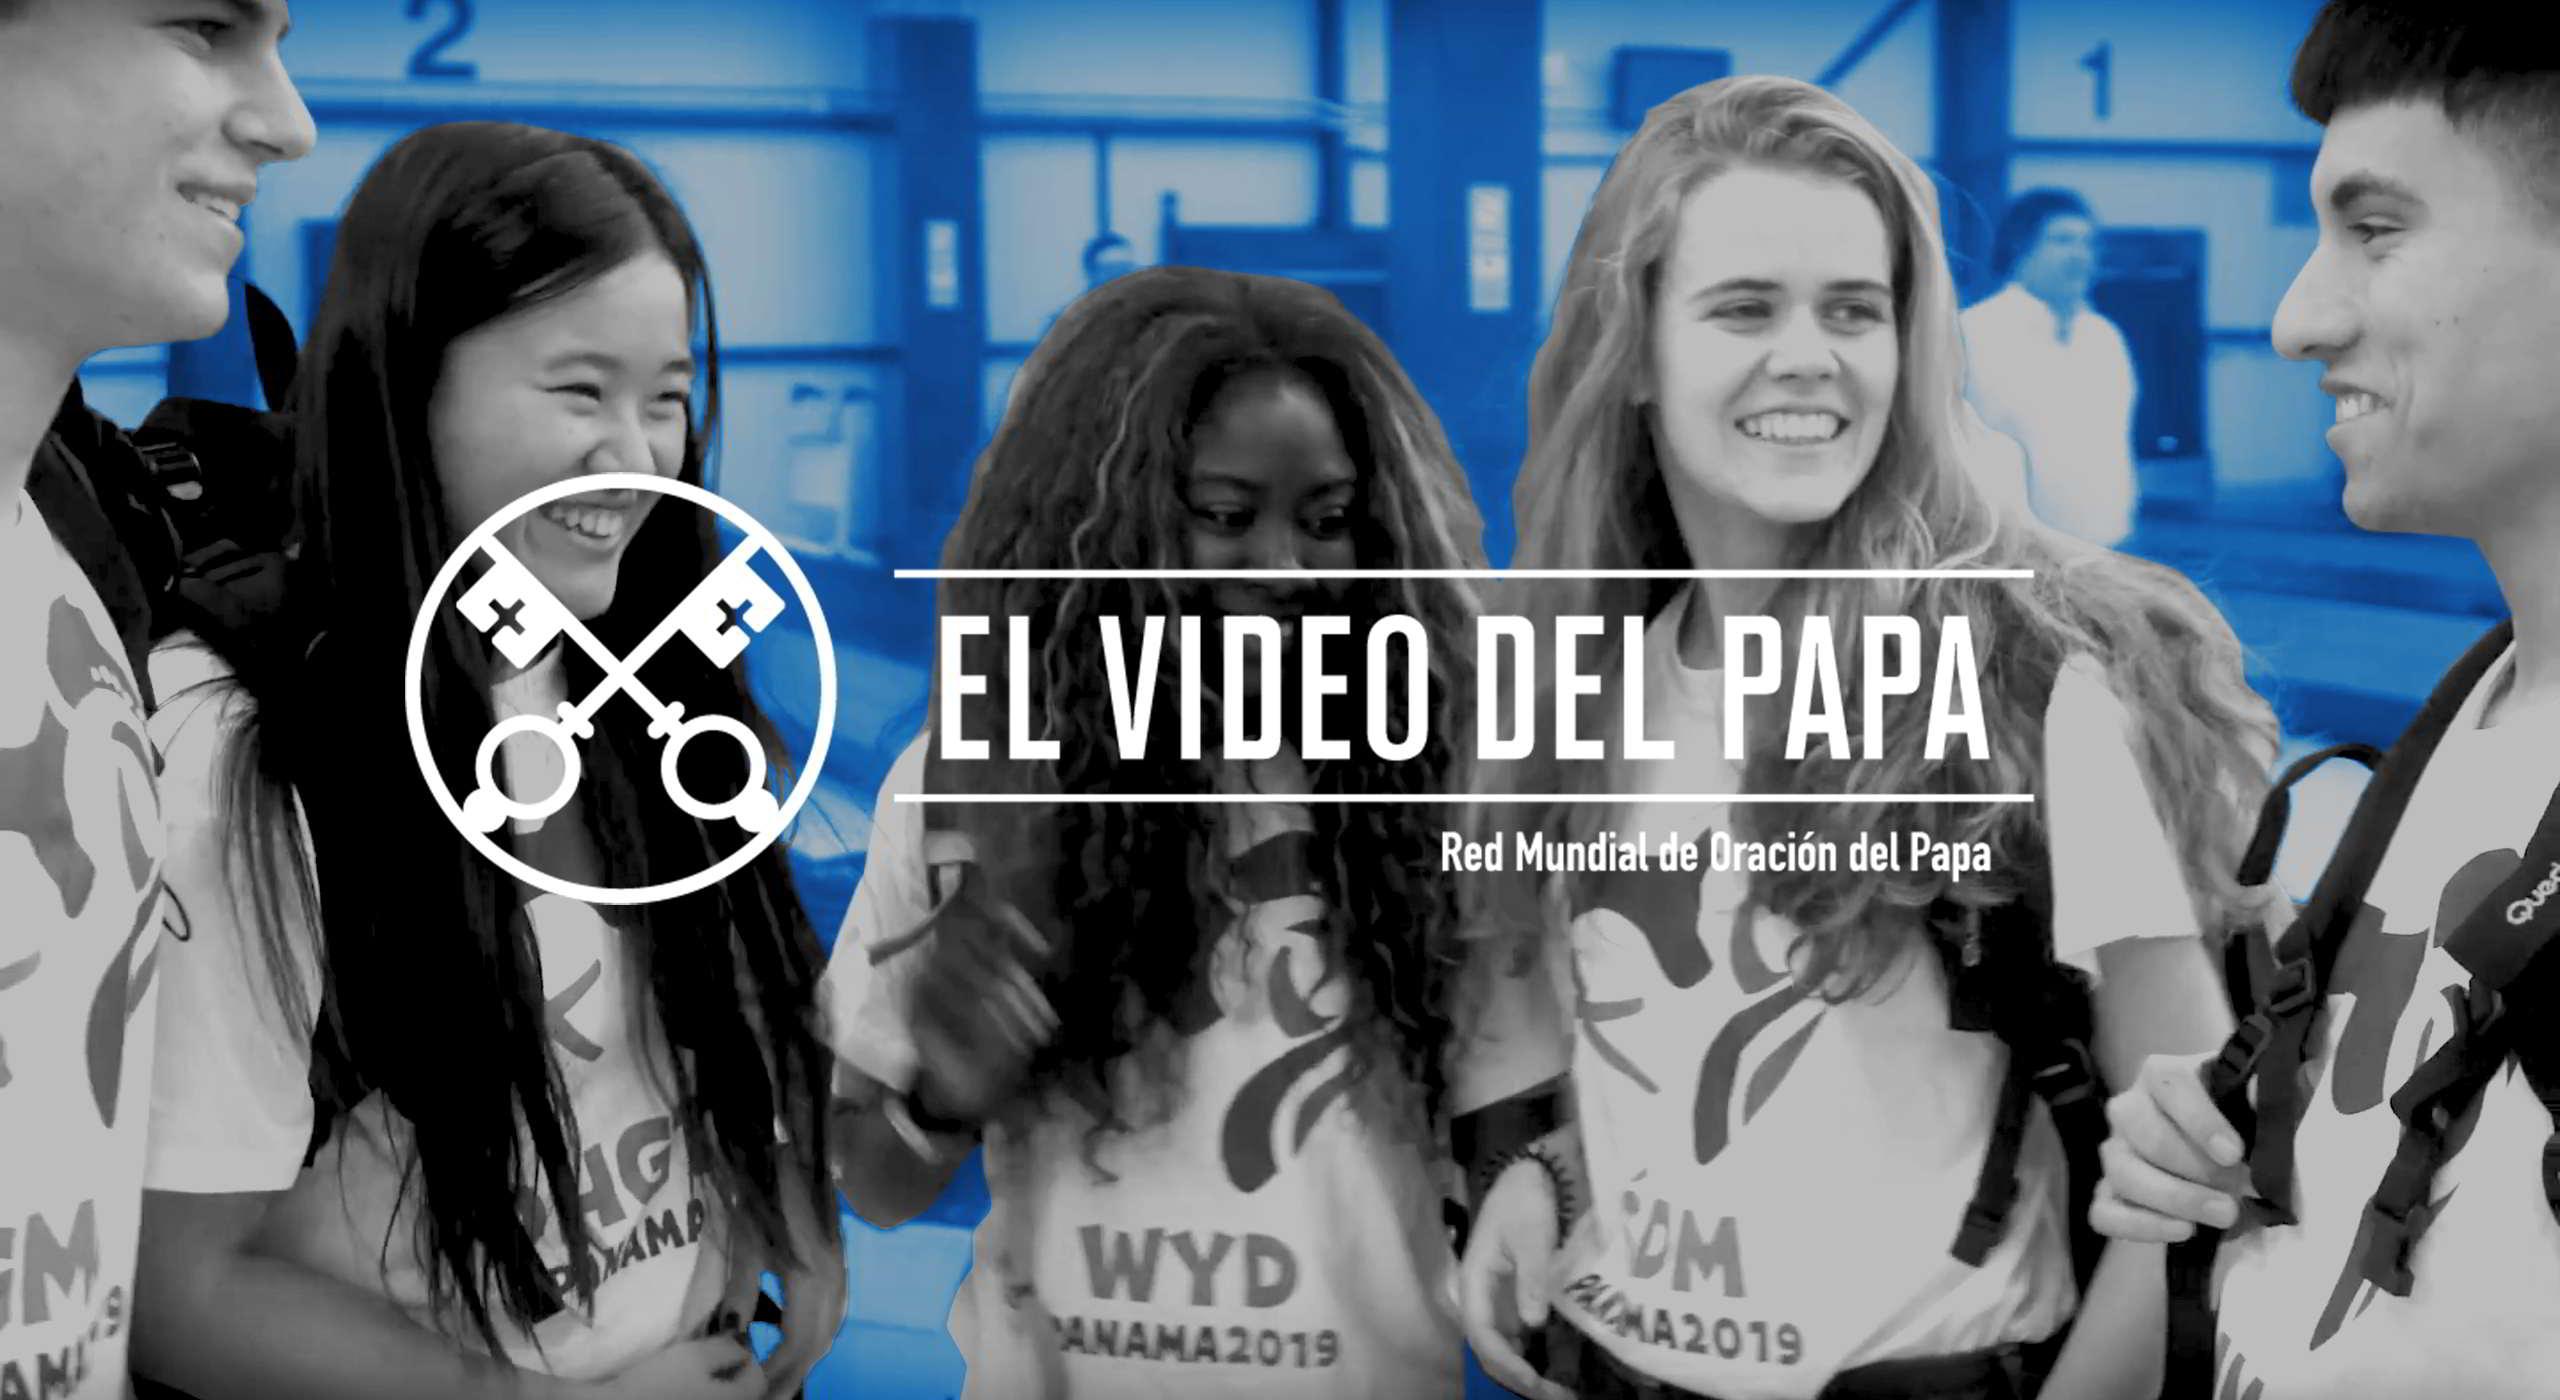 Official-Image-TPV-1-2019-2-ES-El-Video-del-Papa-Jovenes-en-la-escuela-de-María